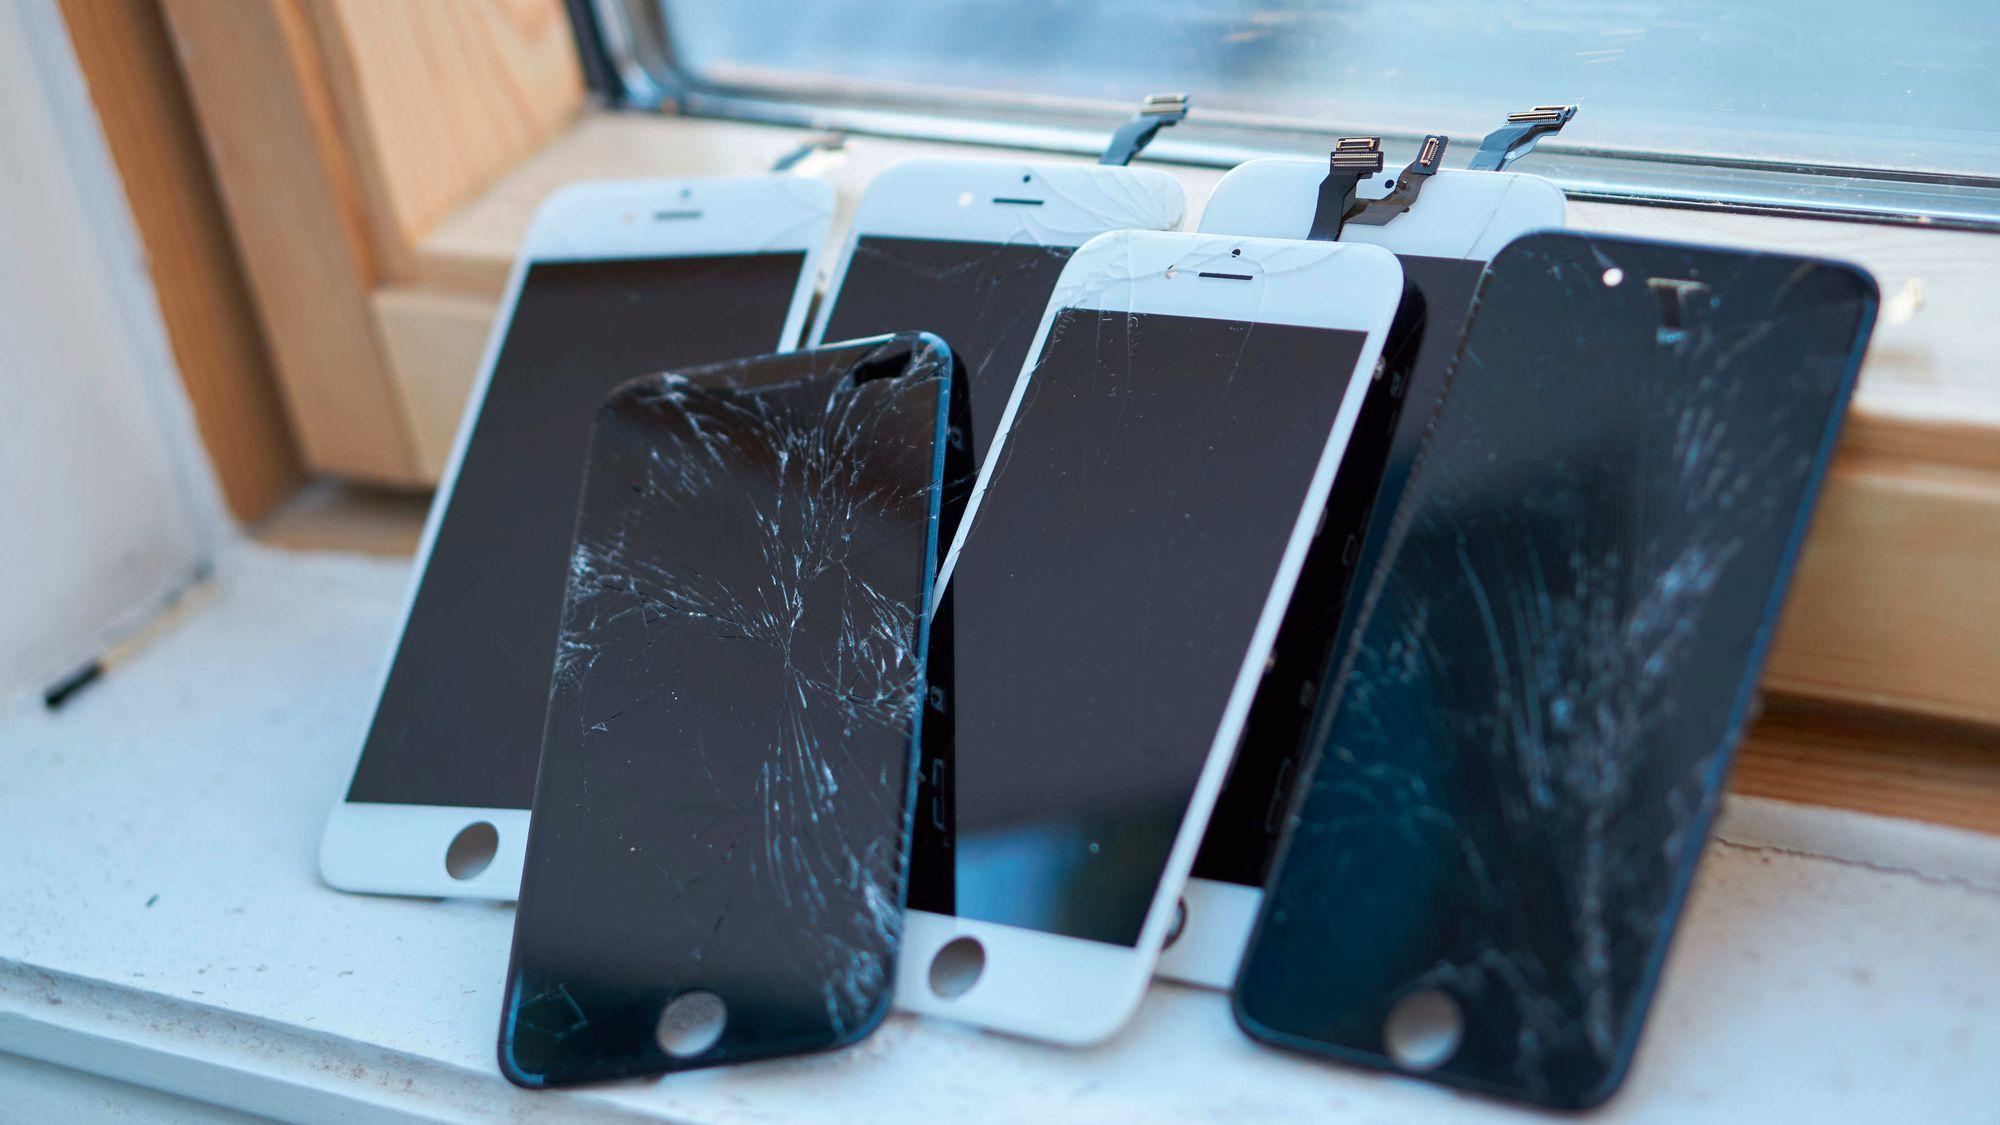 iPhone-skjermer fra en reparasjonsrunde vi gjennomførte her på Tek.no.